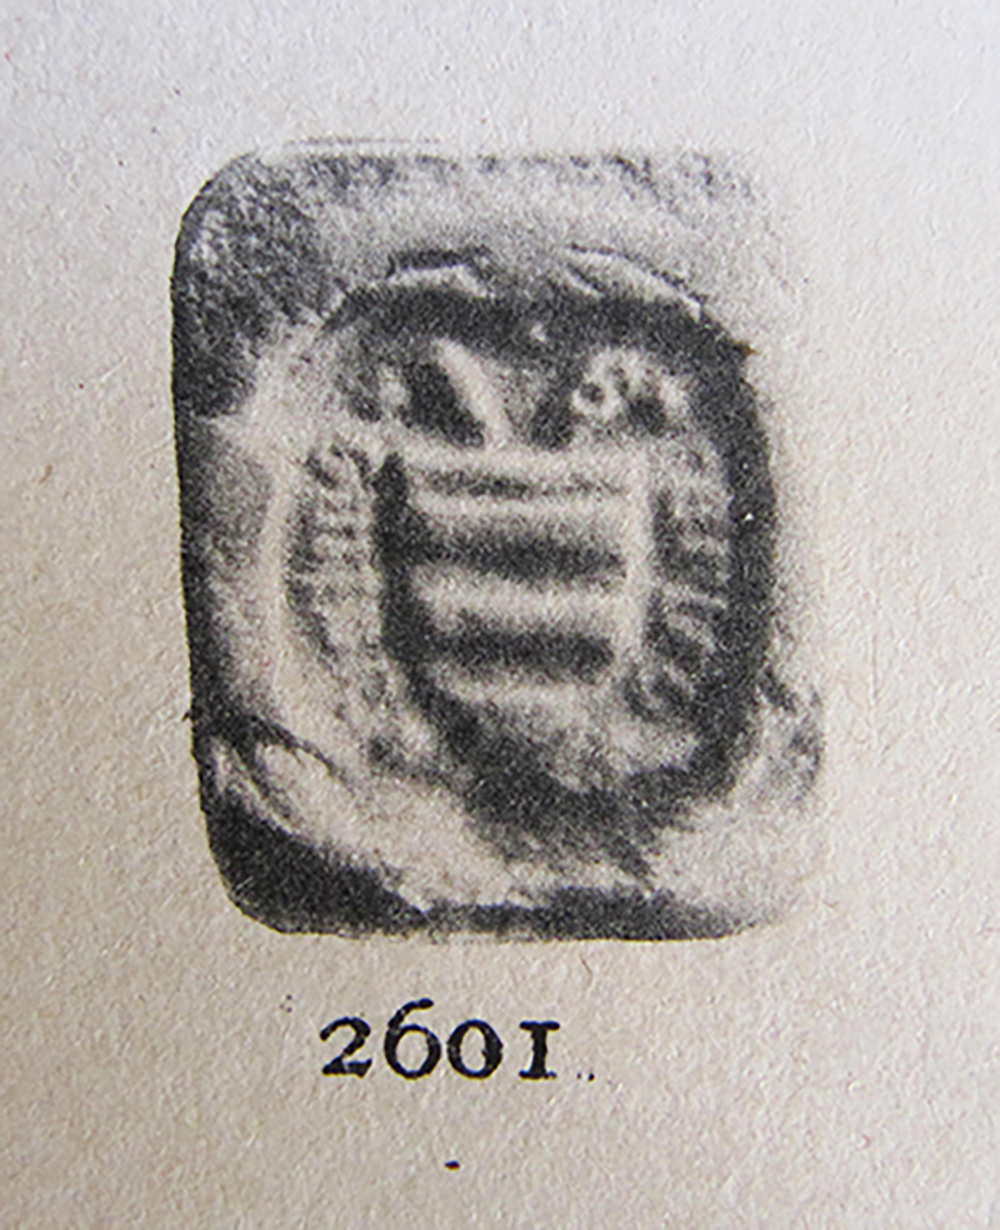 Figura 4. Segell de Carles d'Oms en una carta de l'any 1445. Número 2601 de Sagarra